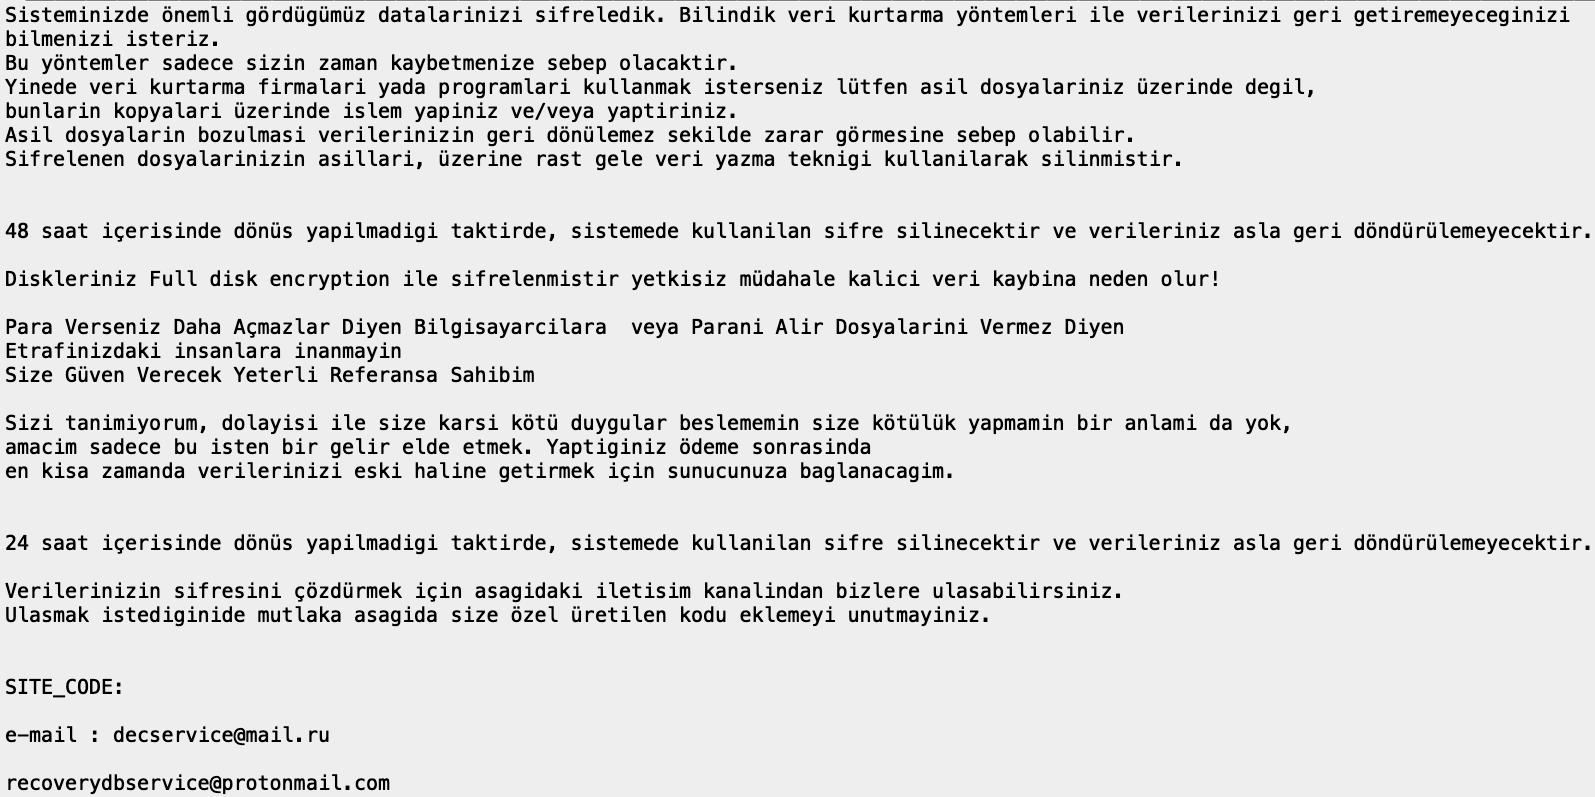 remove TurkStatik ransomware